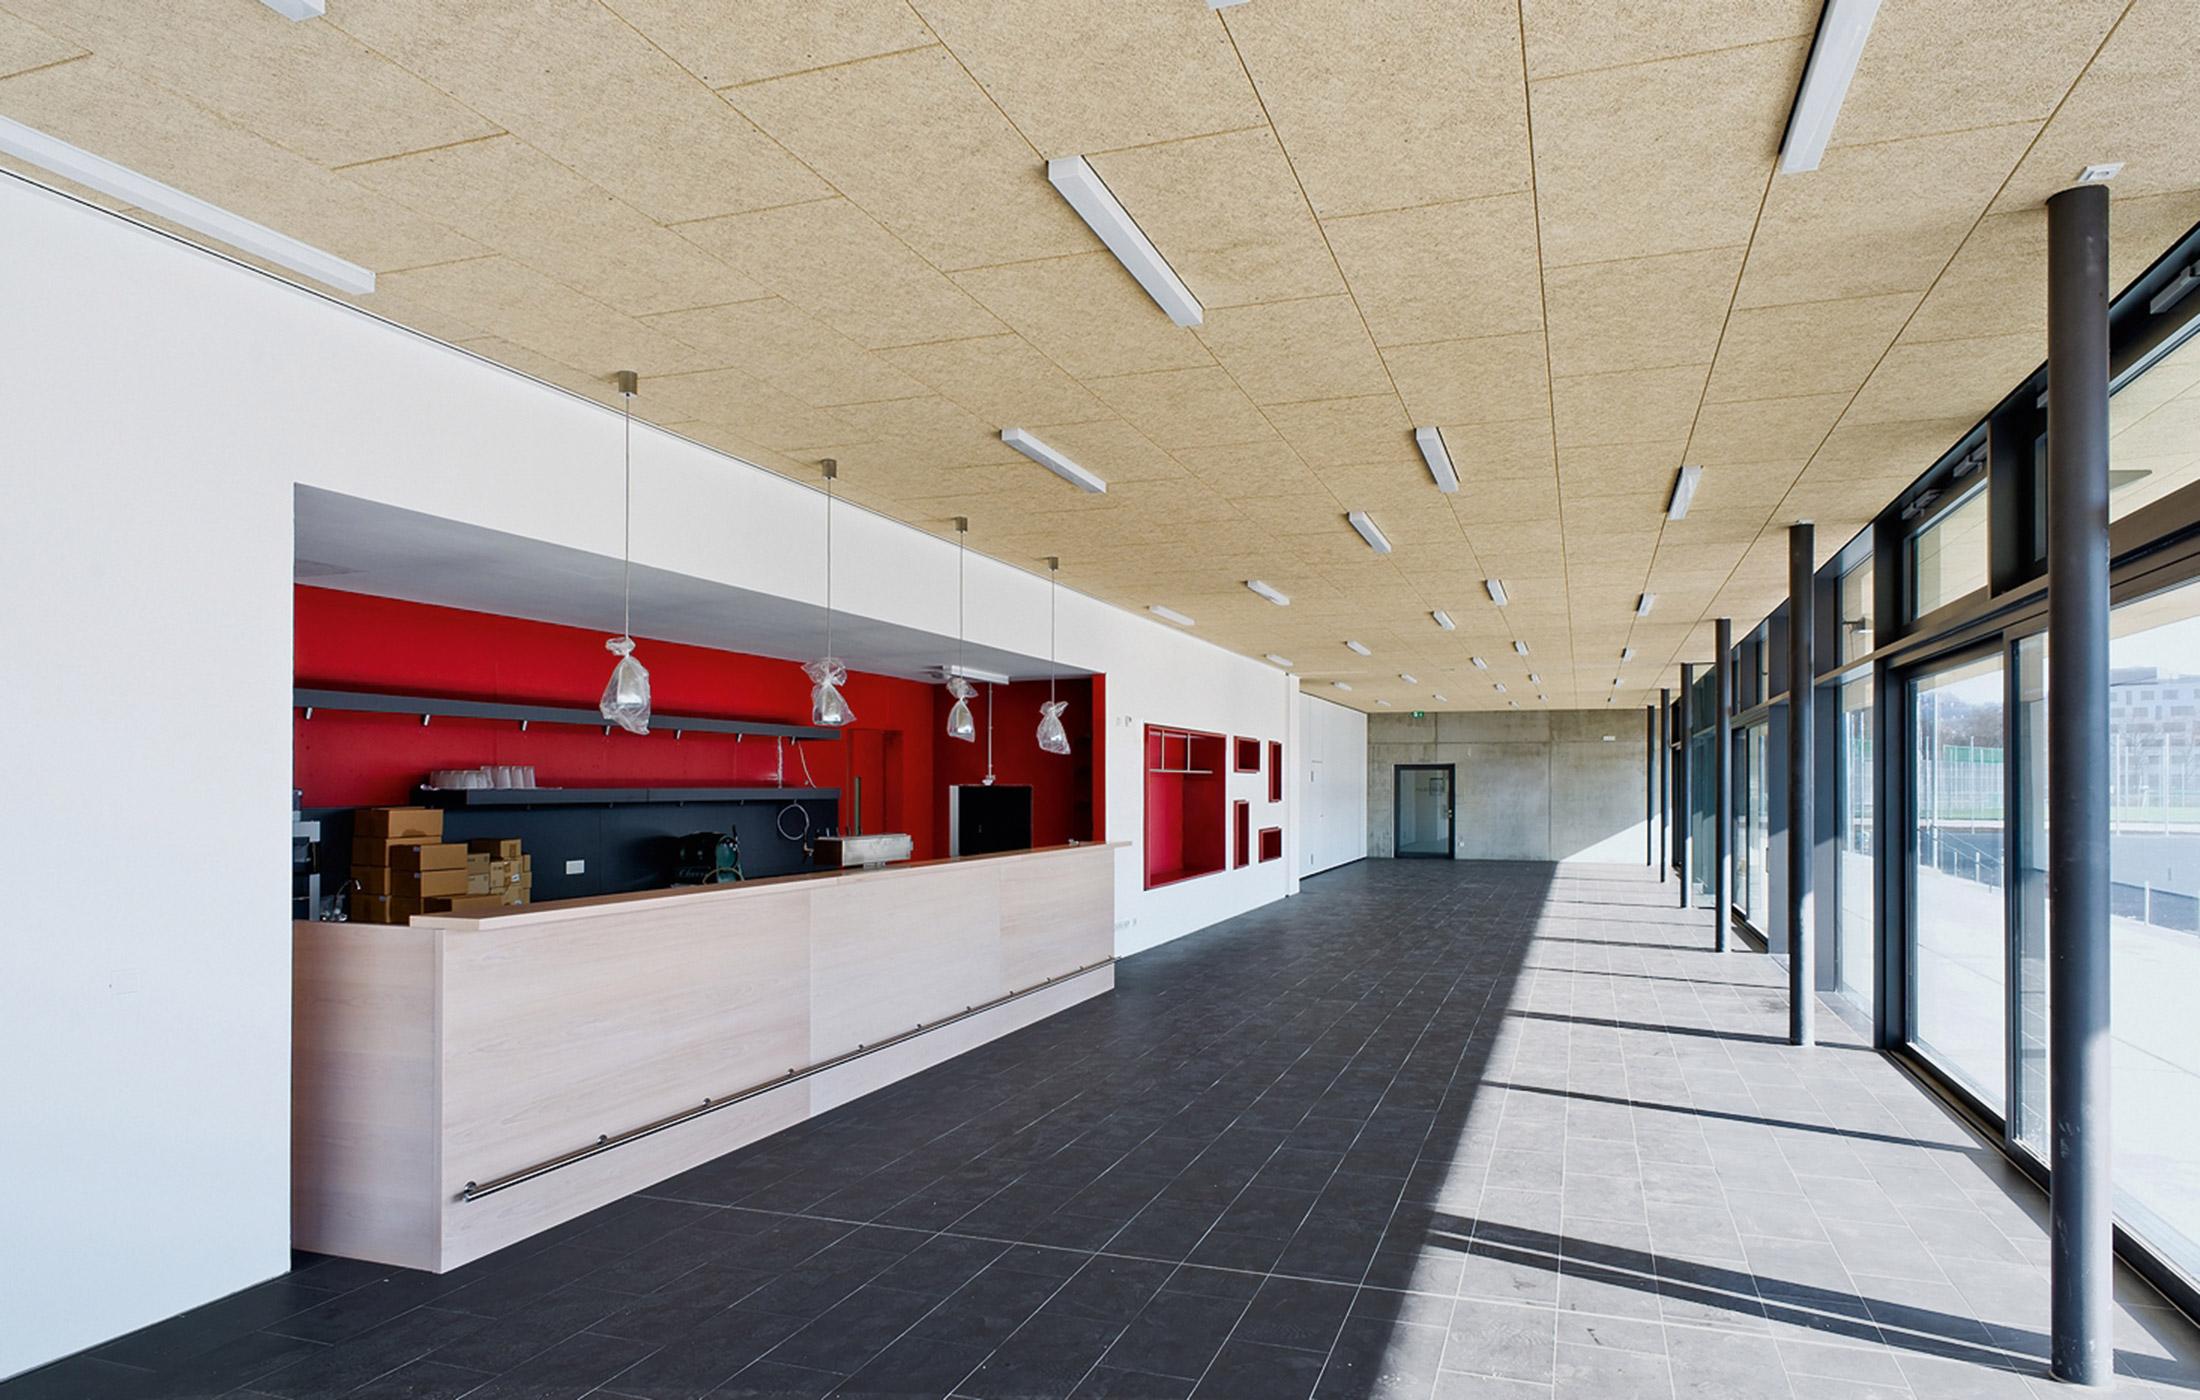 2012, Neubau Vereinsheim und Turnhalle ESV / VfL, Neckarpark Stuttgart